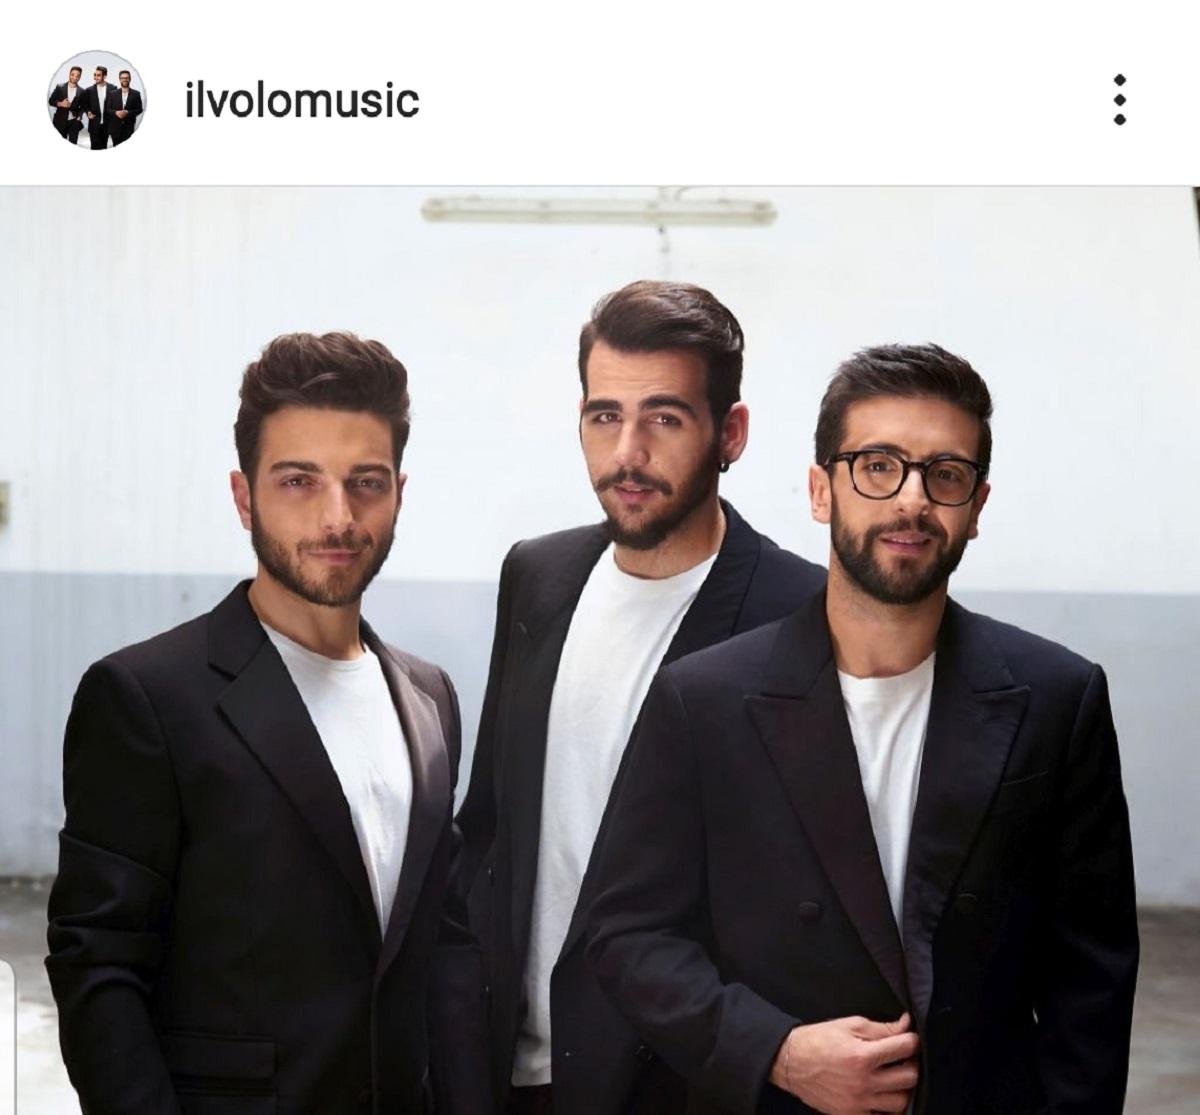 Il Volo Instagram